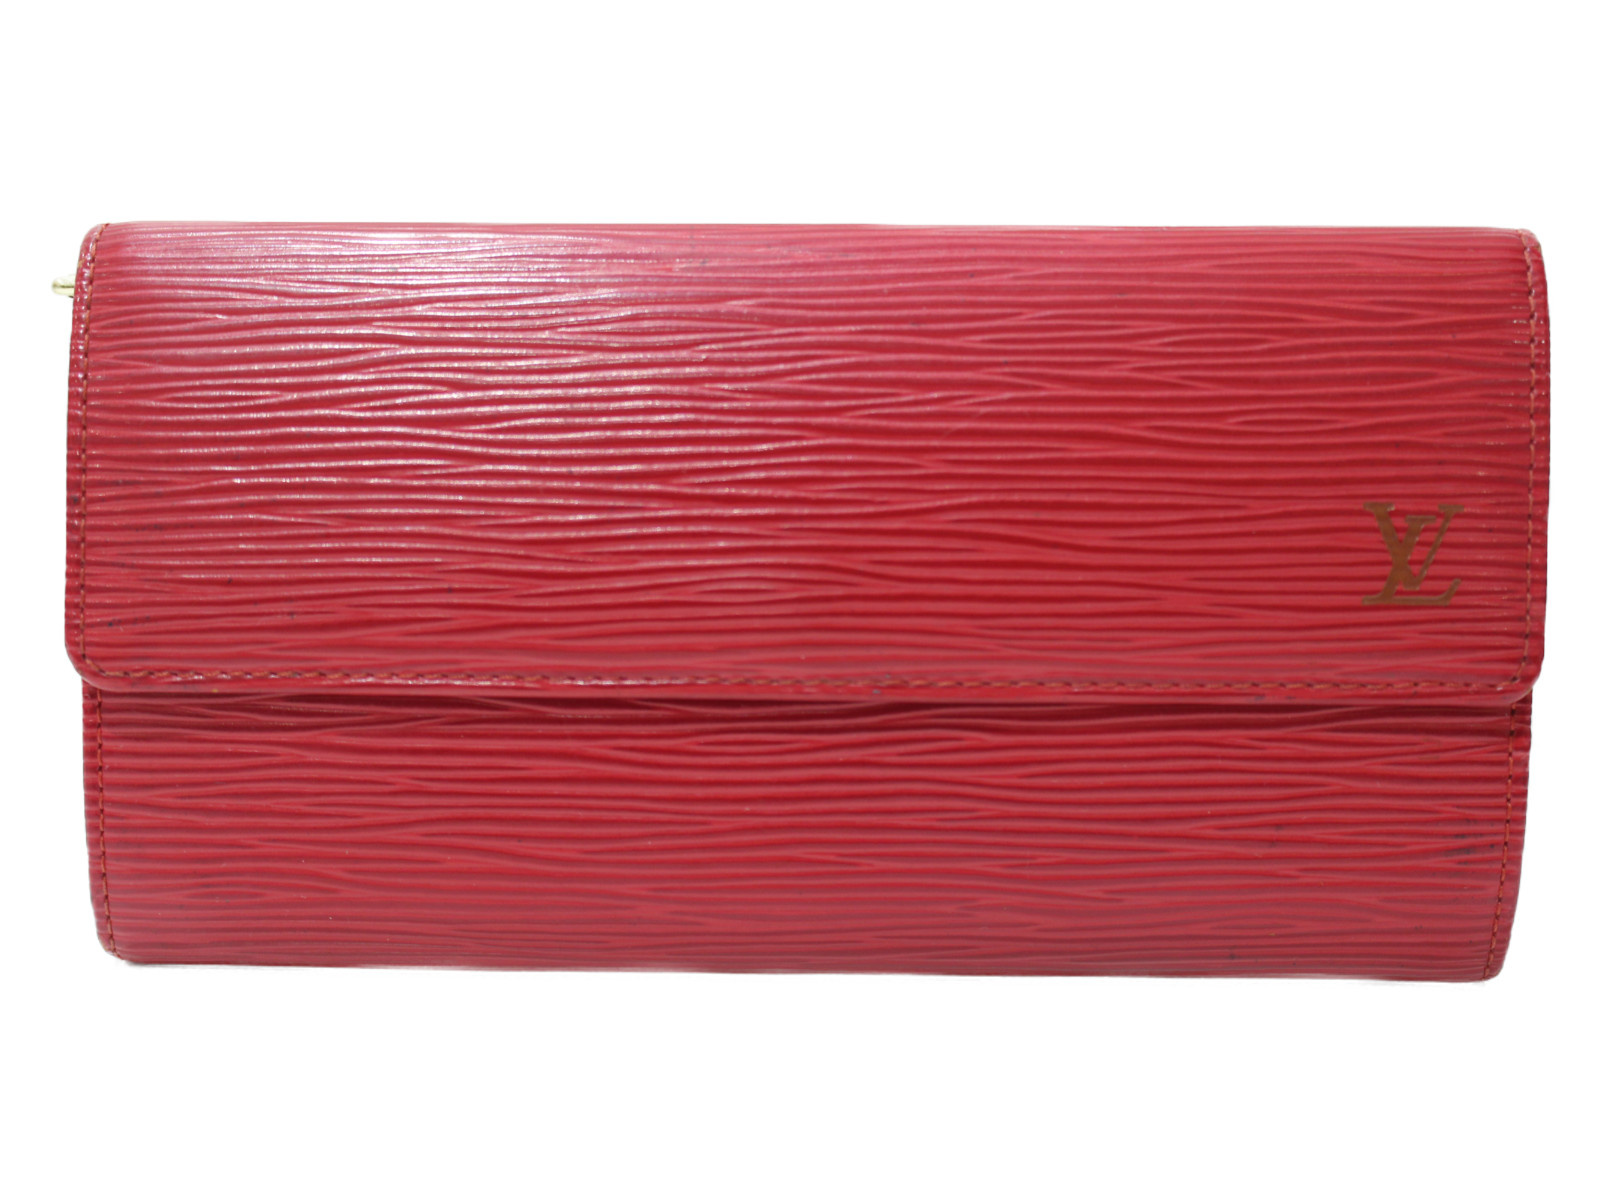 LOUIS VUITTON ポルトフォイユ・サラ M60316 エピ レッド系 レディース シンプル 長財布 ウォレット プレゼント包装可 【中古】